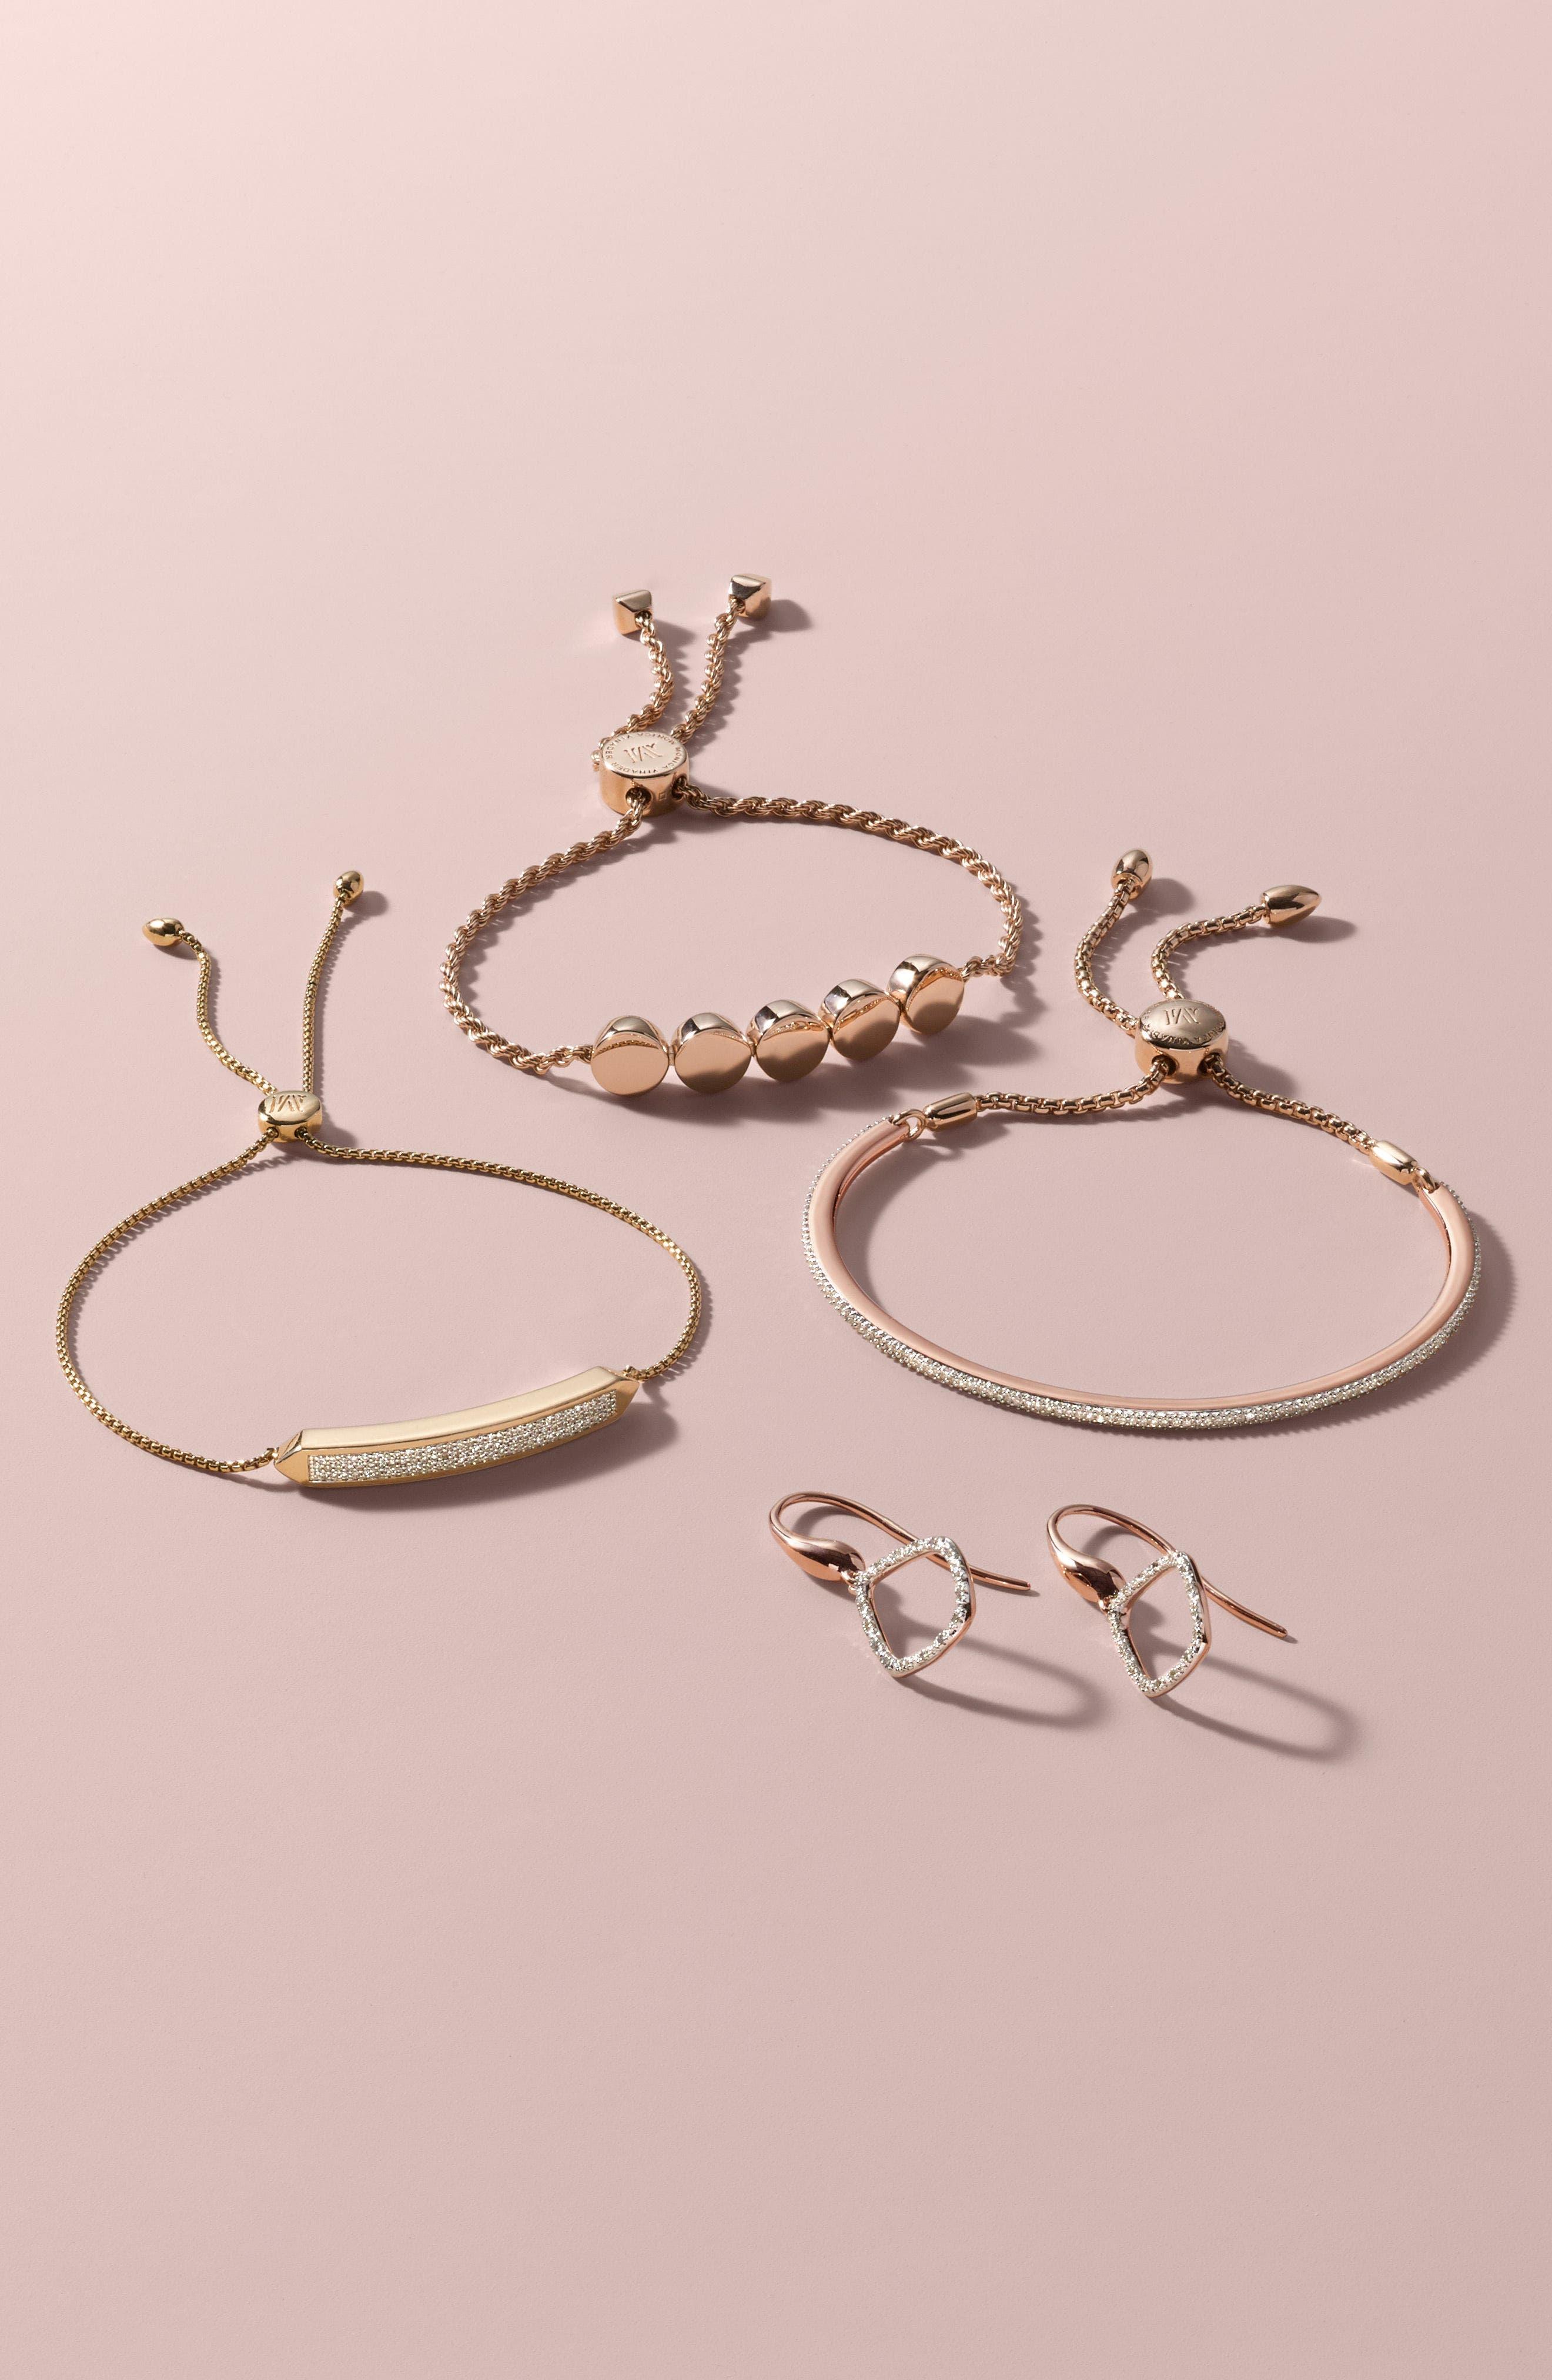 Engravable Linear Bead Friendship Bracelet,                             Alternate thumbnail 4, color,                             SILVER